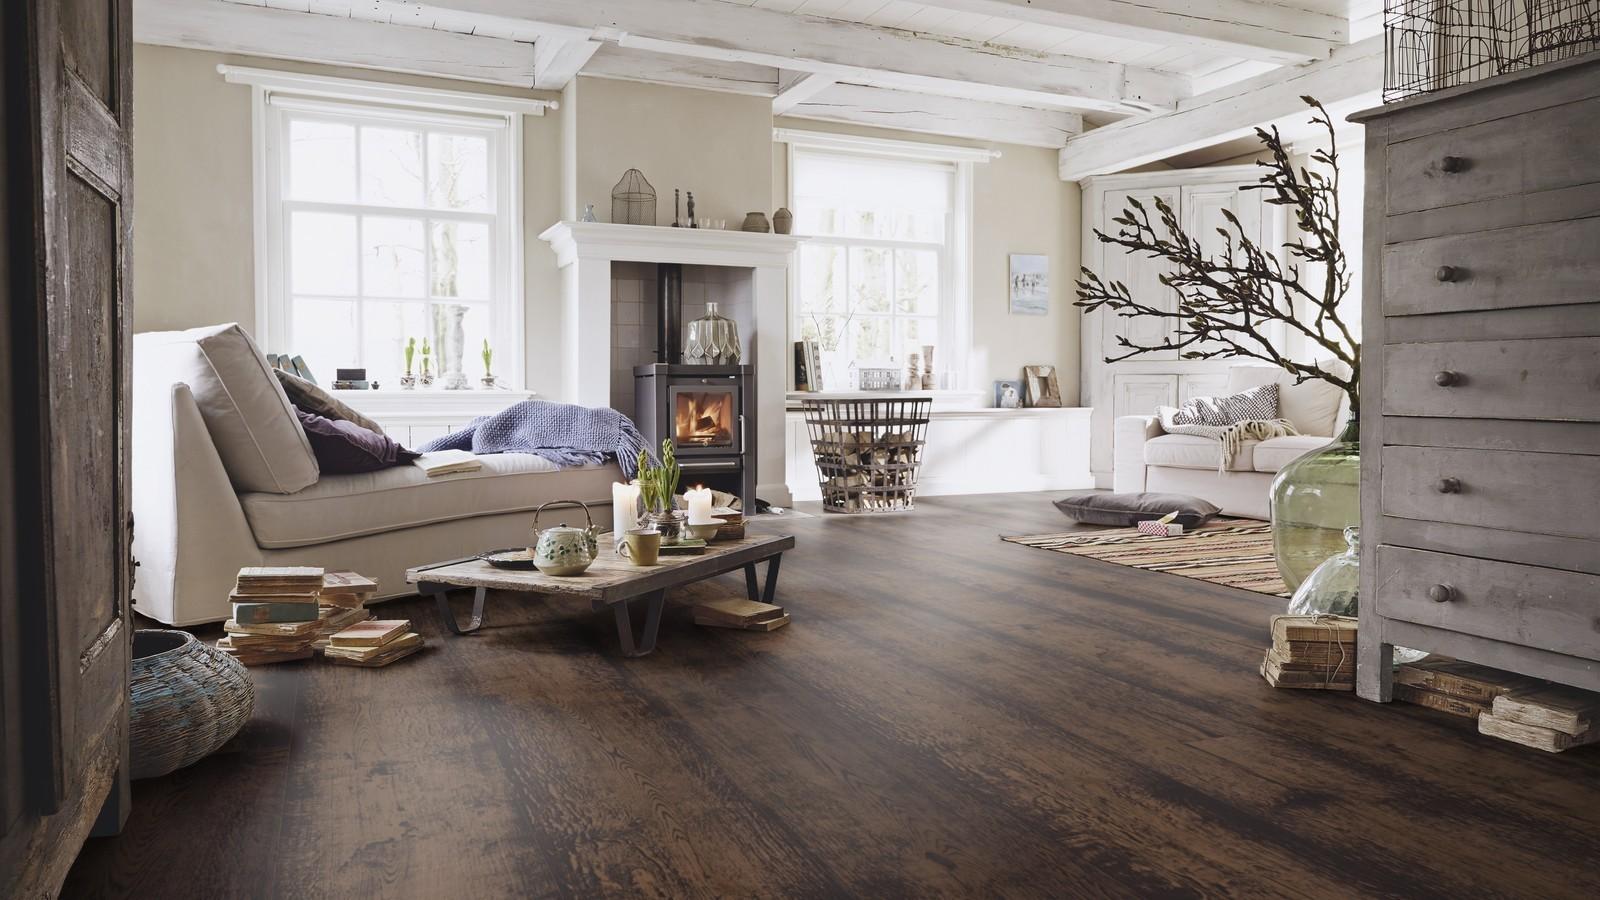 Tarima laminada, tarima flotante, suelo de madera ¿Qué significan?